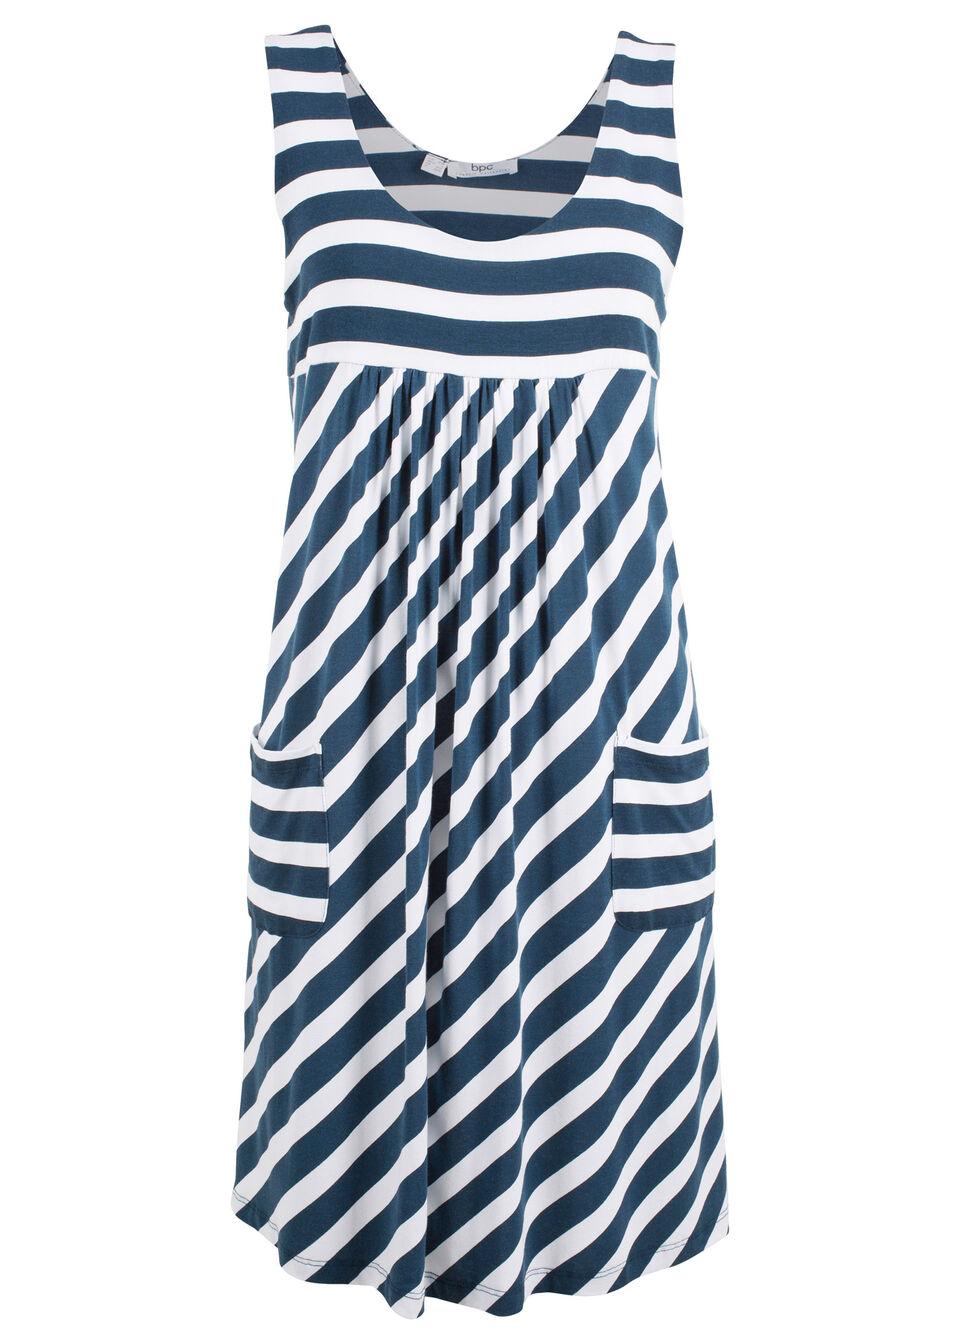 fab2ce49db Sukienka ze stretchem w paski łososiowy jasnoróżowy - ciemnoniebieski w  paski • 74.99 zł • bonprix